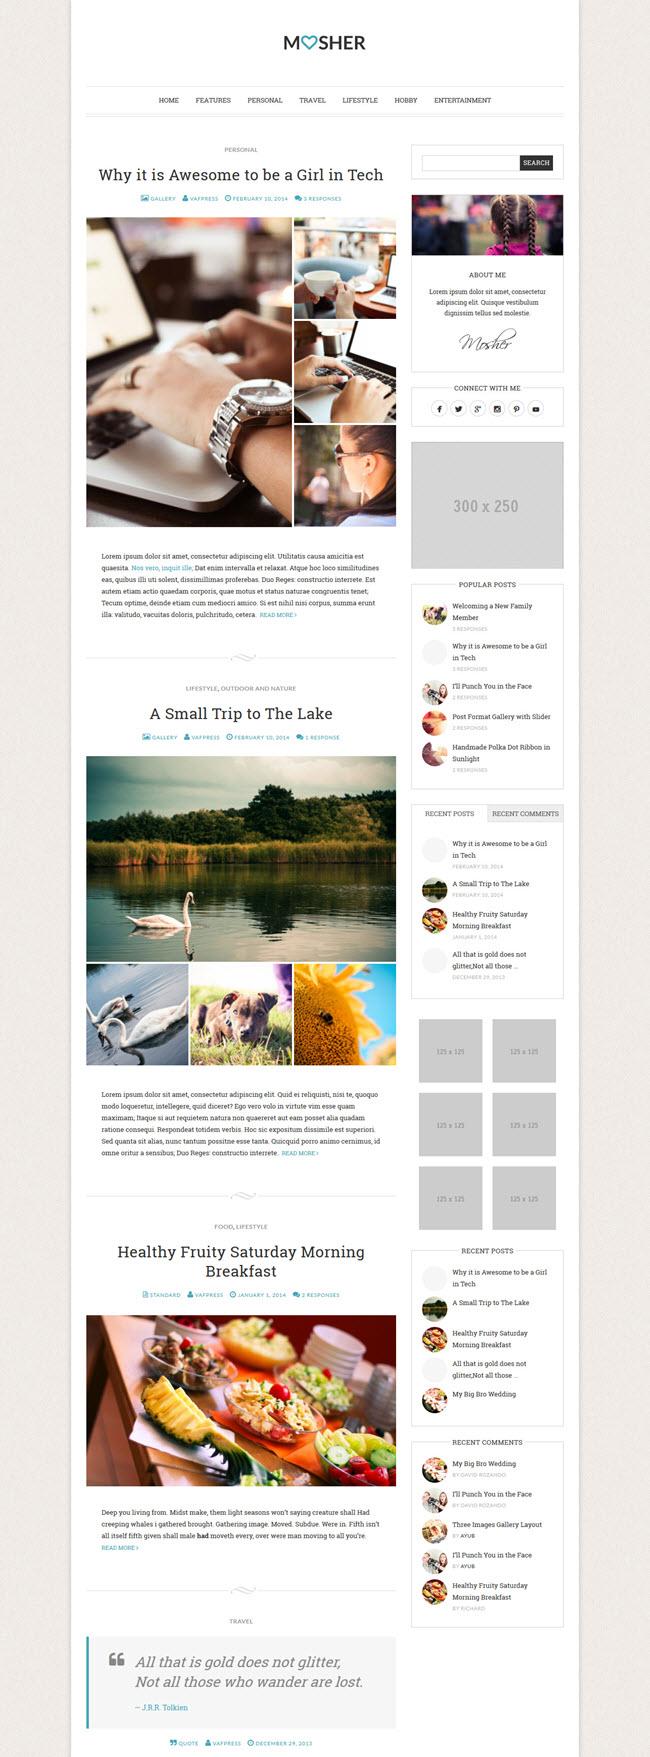 mosher screenshot Best Stylish & Feminine WordPress Themes for Women